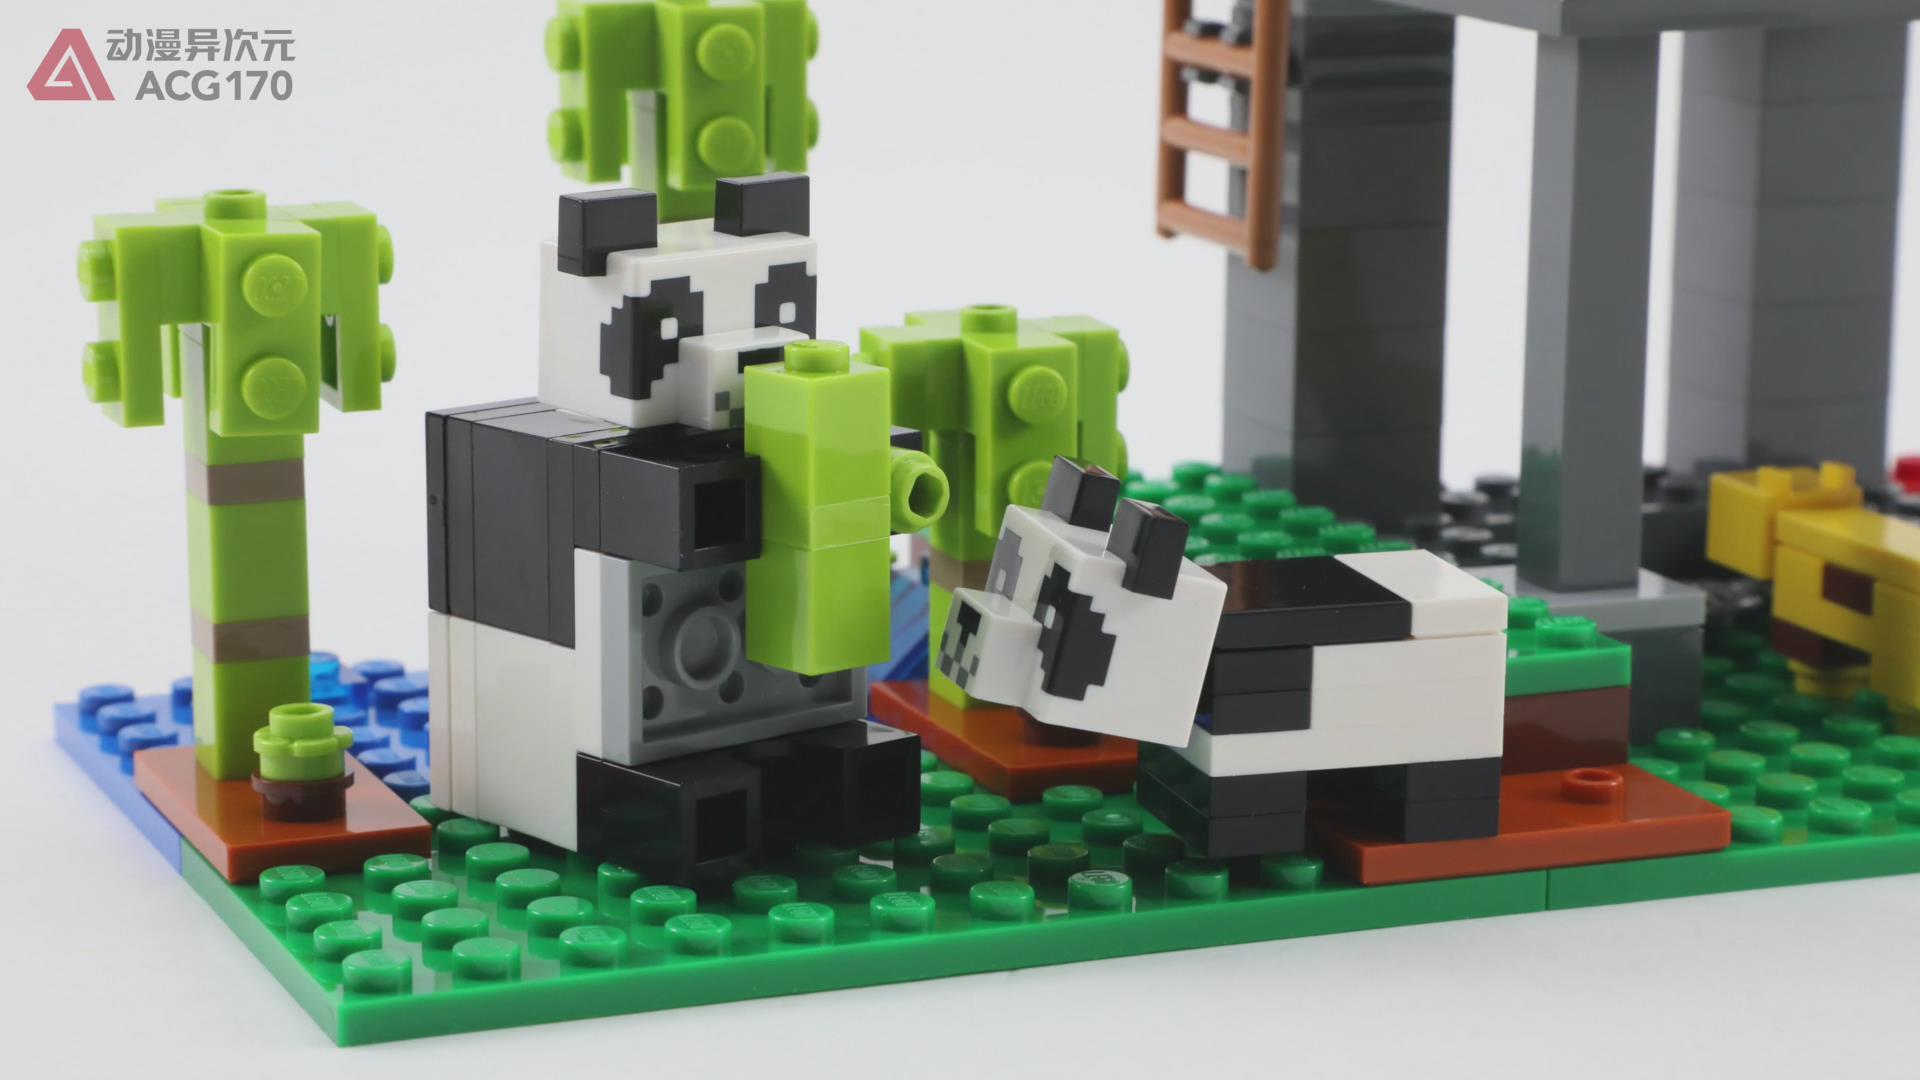 搭建熊猫基地,照顾熊猫宝宝。乐高积木21158我的世界图文评测